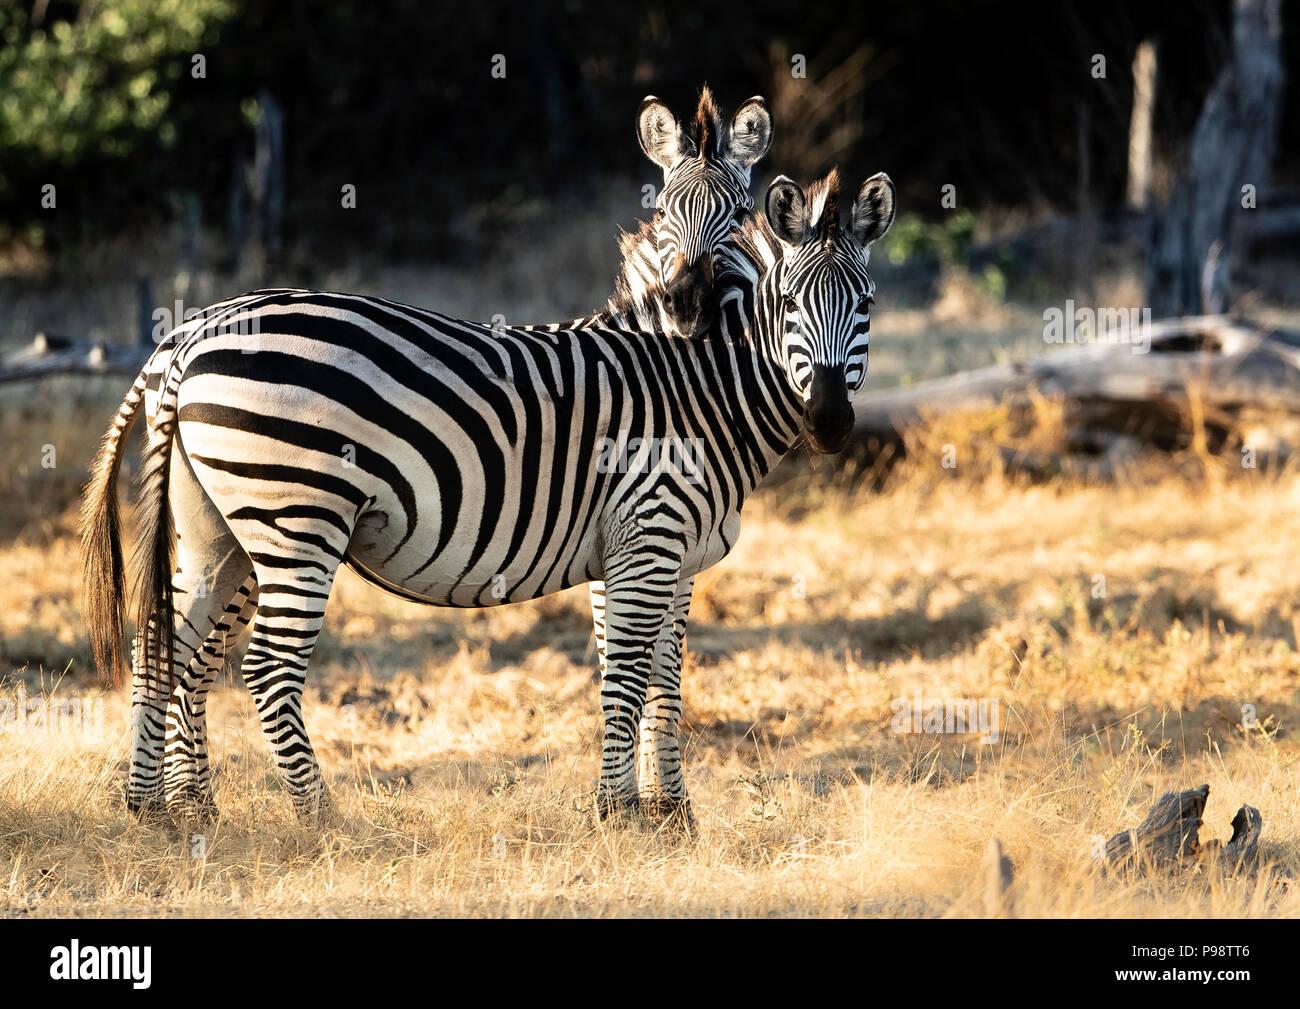 Chapman's Zebra, Mana Pools, Zimbabwe - Stock Image